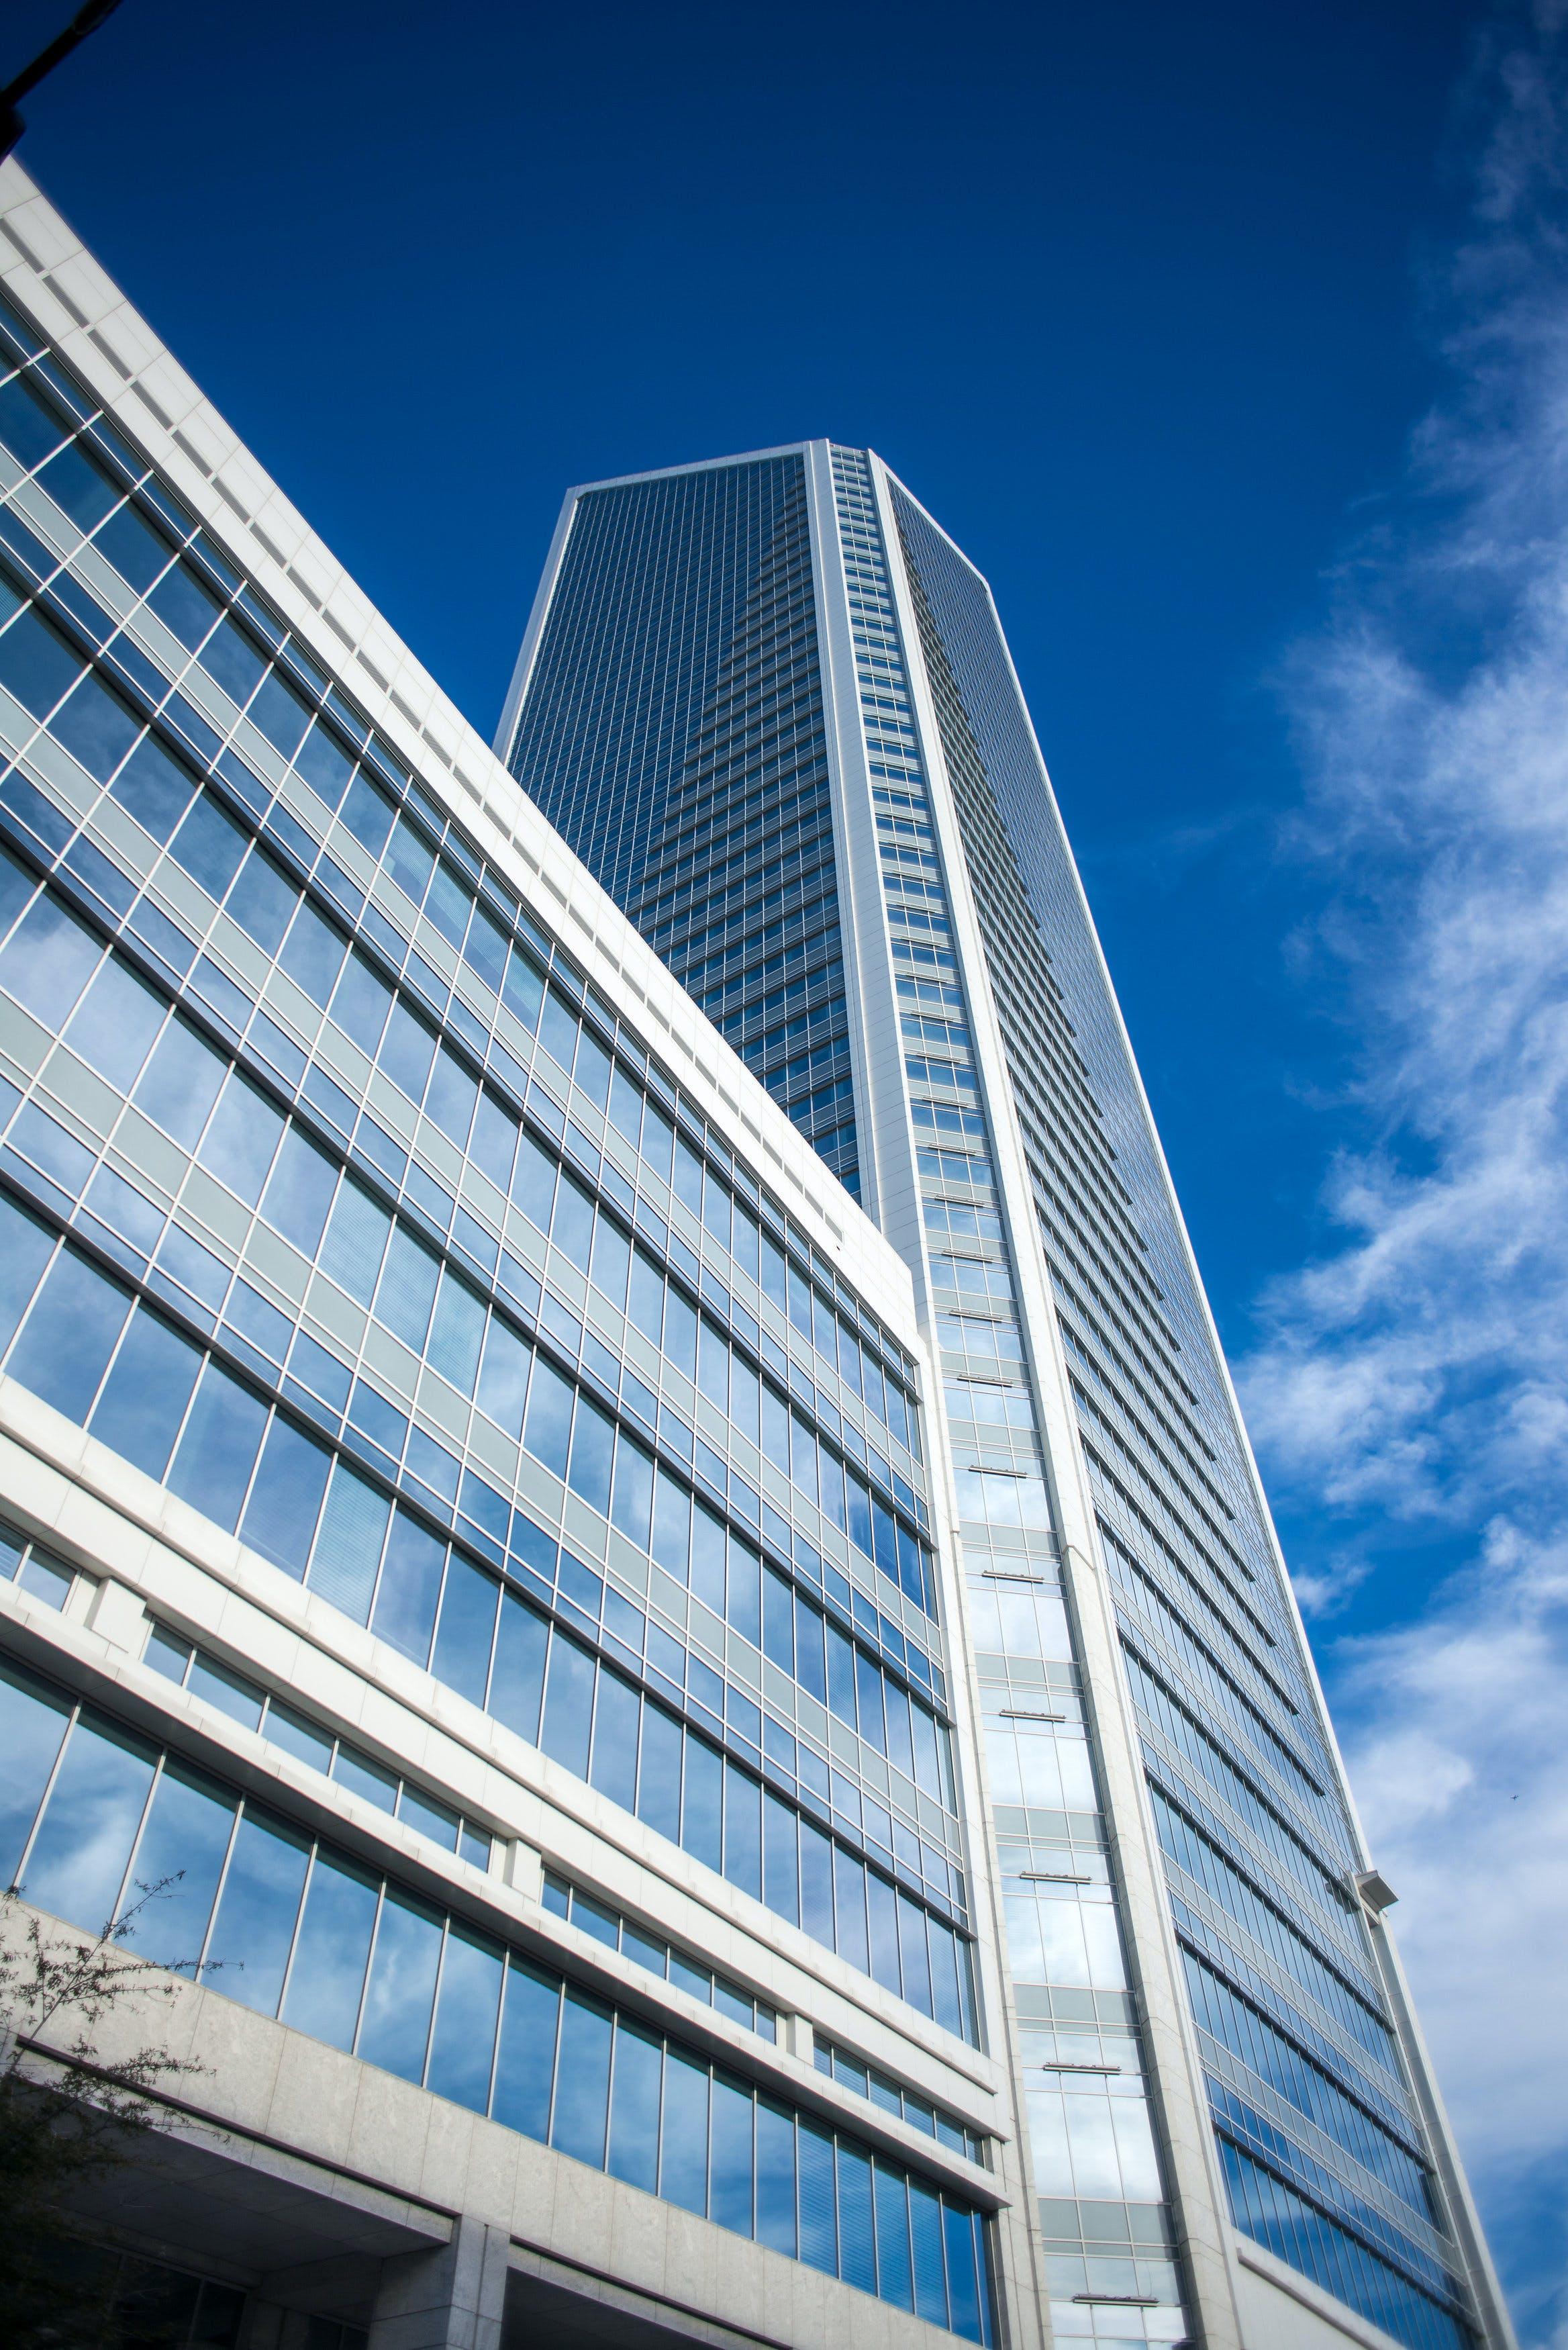 Blue Concrete High Rise Building